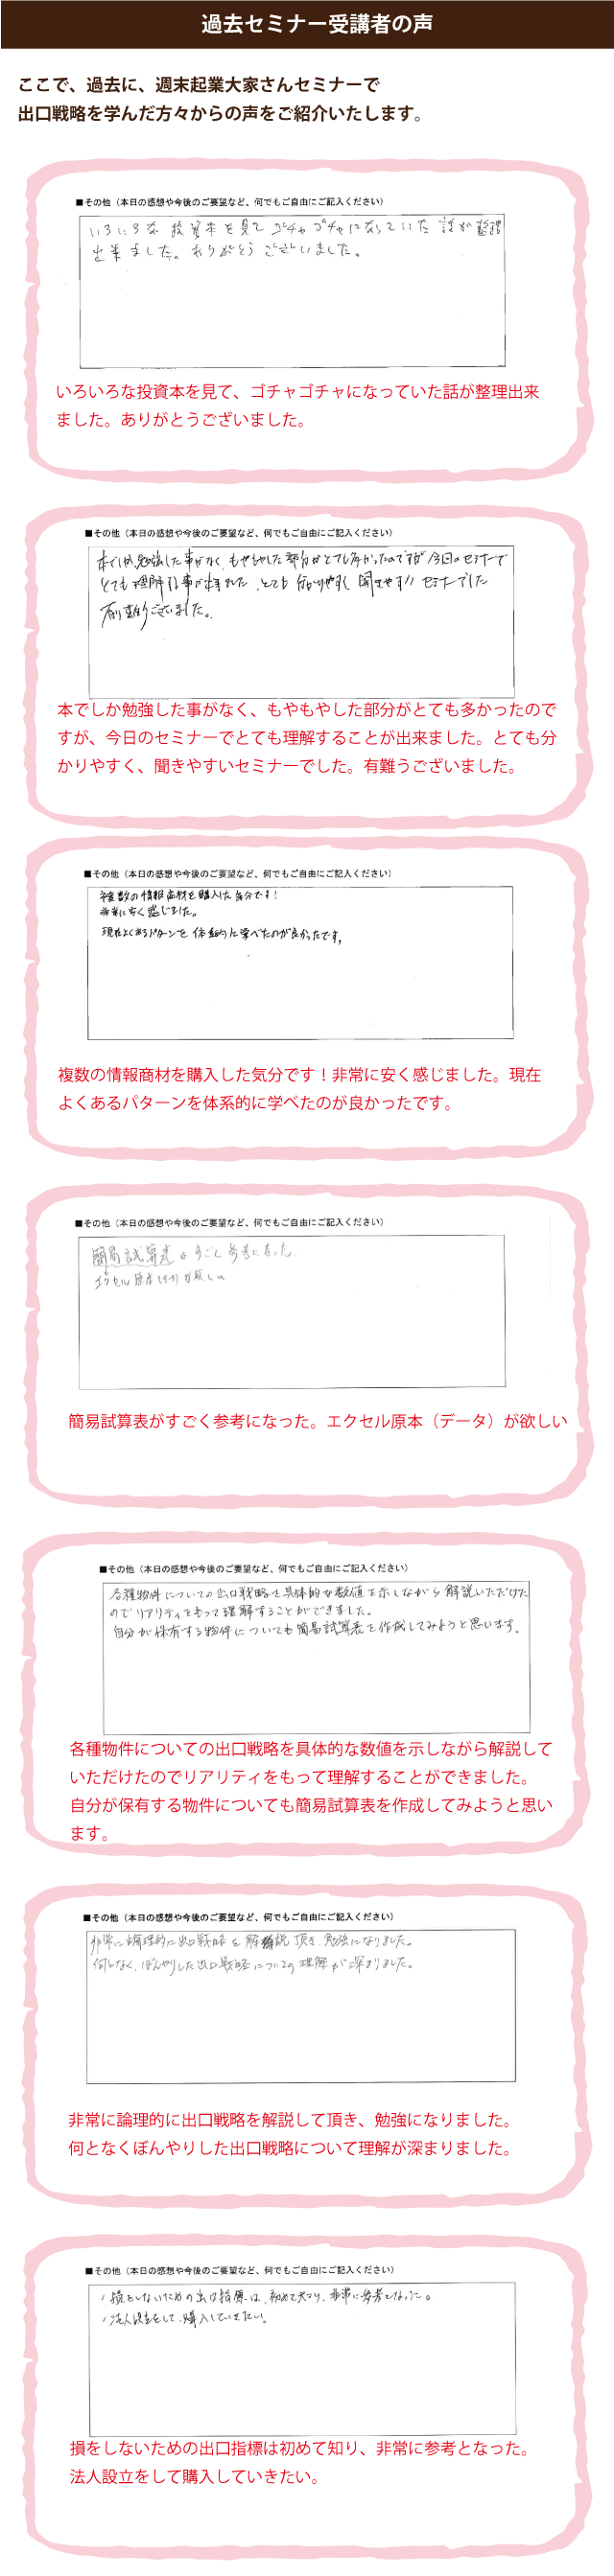 okyakusama_20141120.png